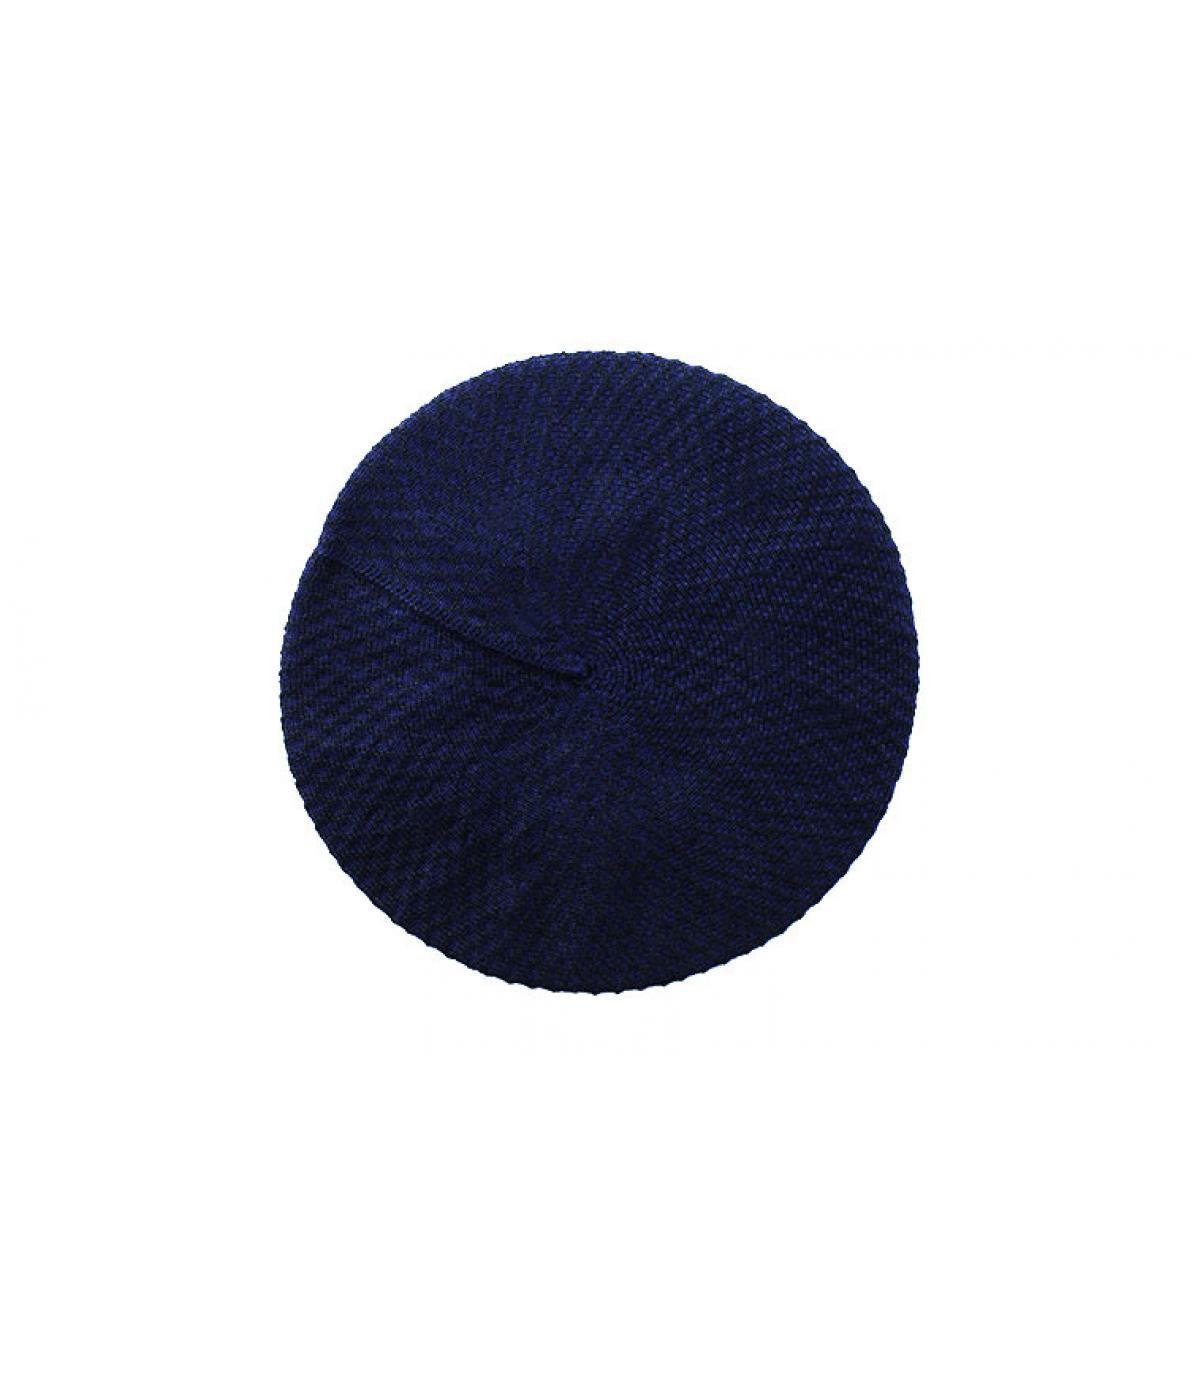 Details Béret Coton noir bleu nuit - Abbildung 2